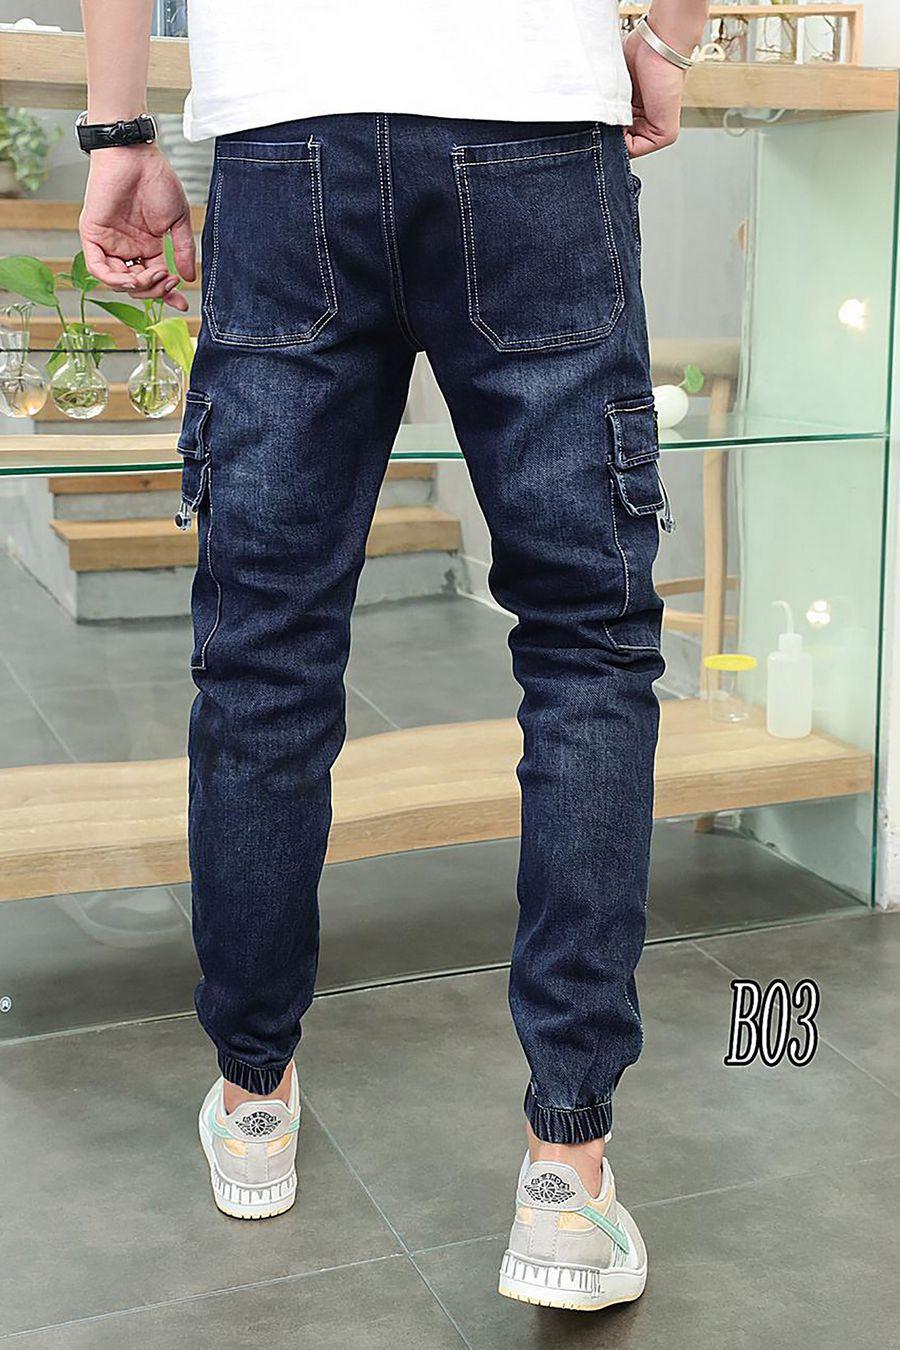 Джинсы мужские Roberto B03 утепленные - фото 4